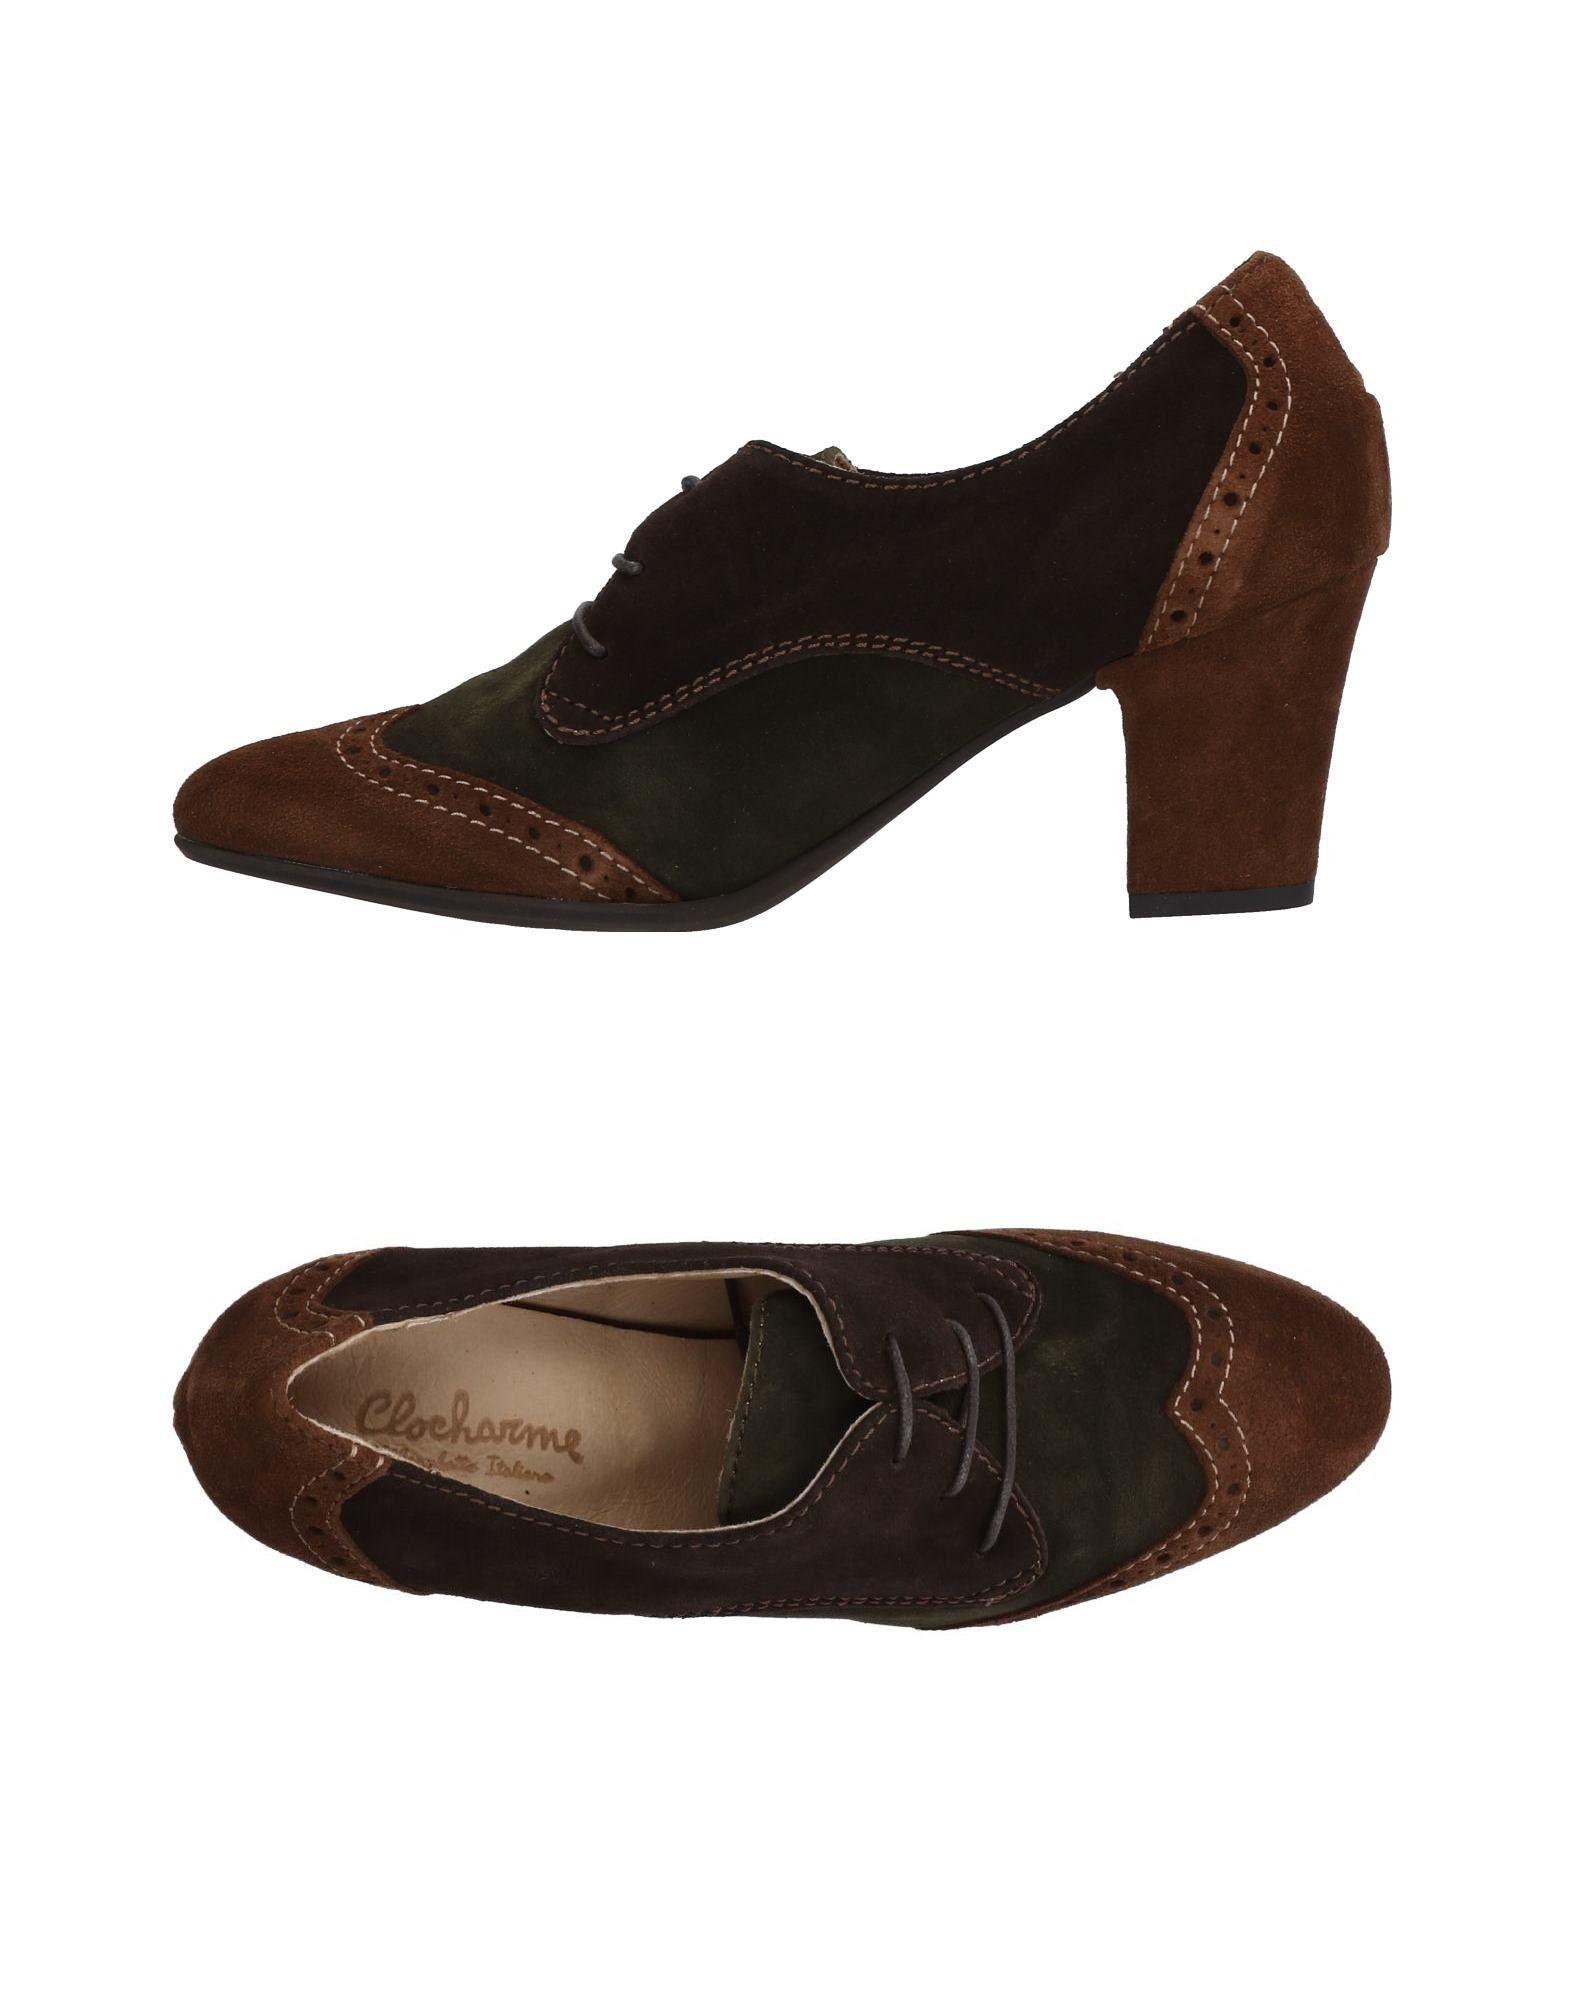 CLOCHARME Обувь на шнурках первый внутри обувь обувь обувь обувь обувь обувь обувь обувь обувь 8a2549 мужская армия green 40 метров